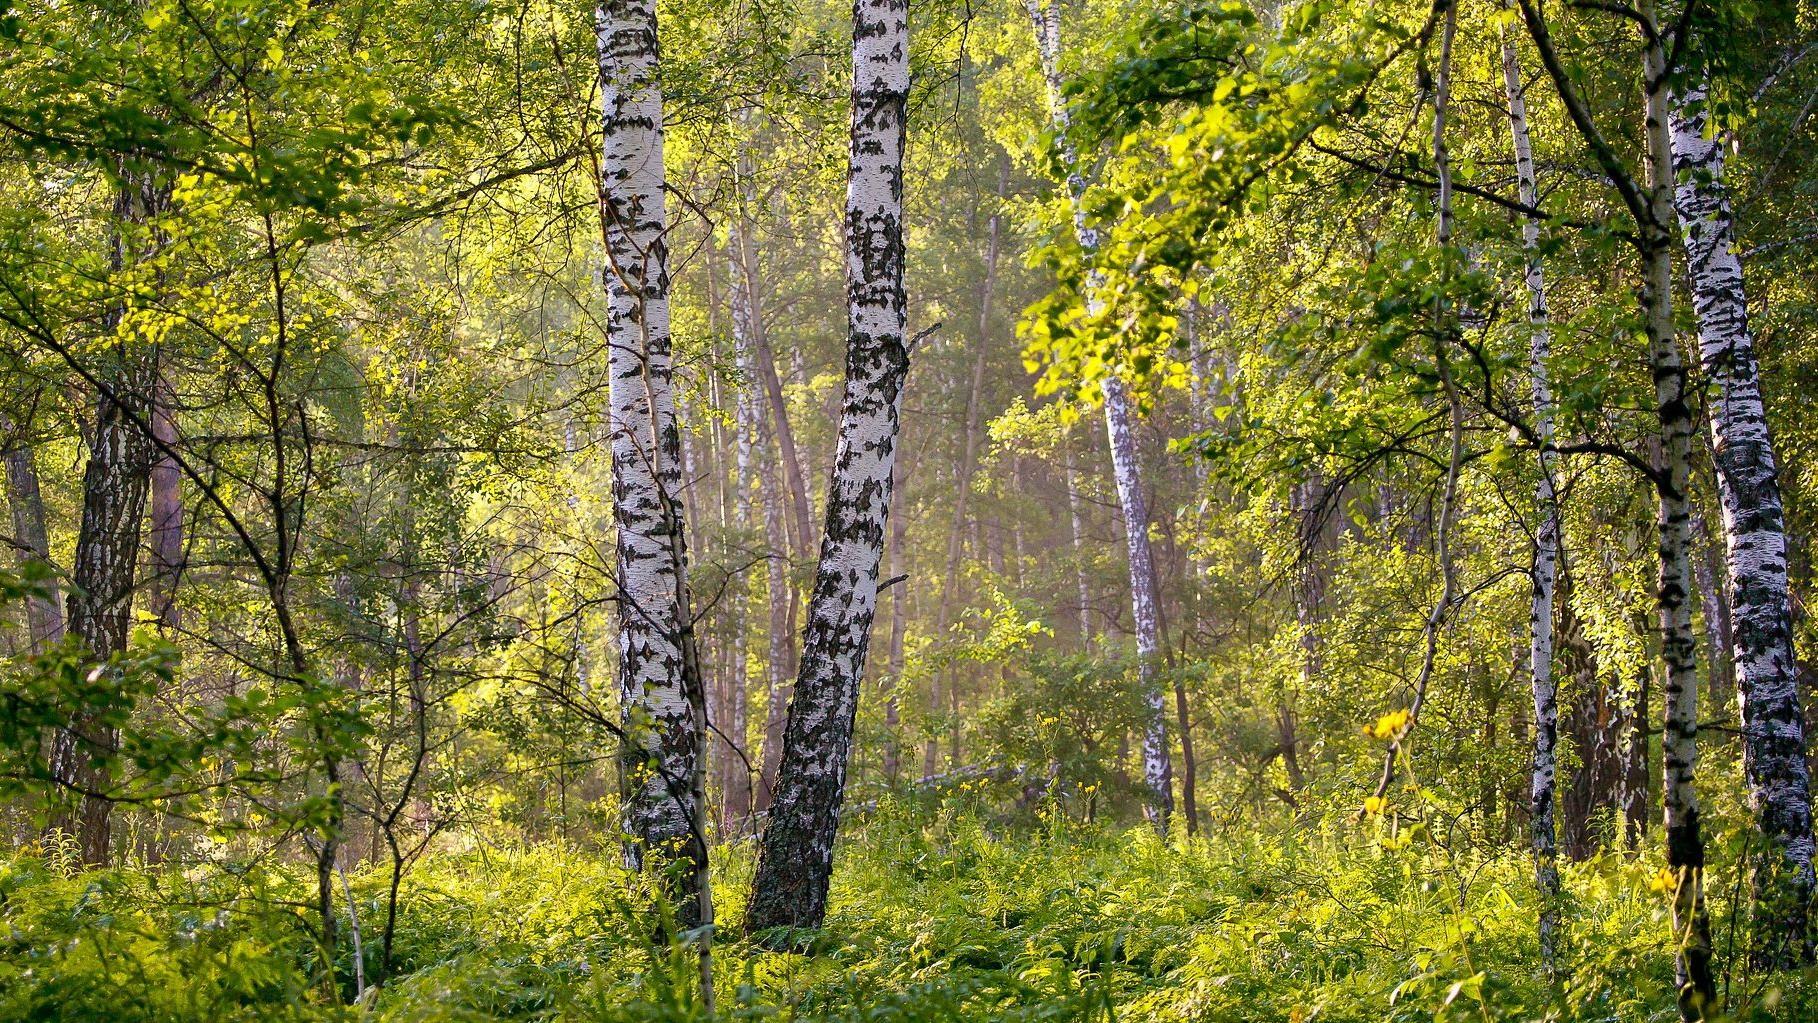 Birkenwanzen können Sie mit recht einfachen Mitteln aus Wohnung oder Haus vertreiben.